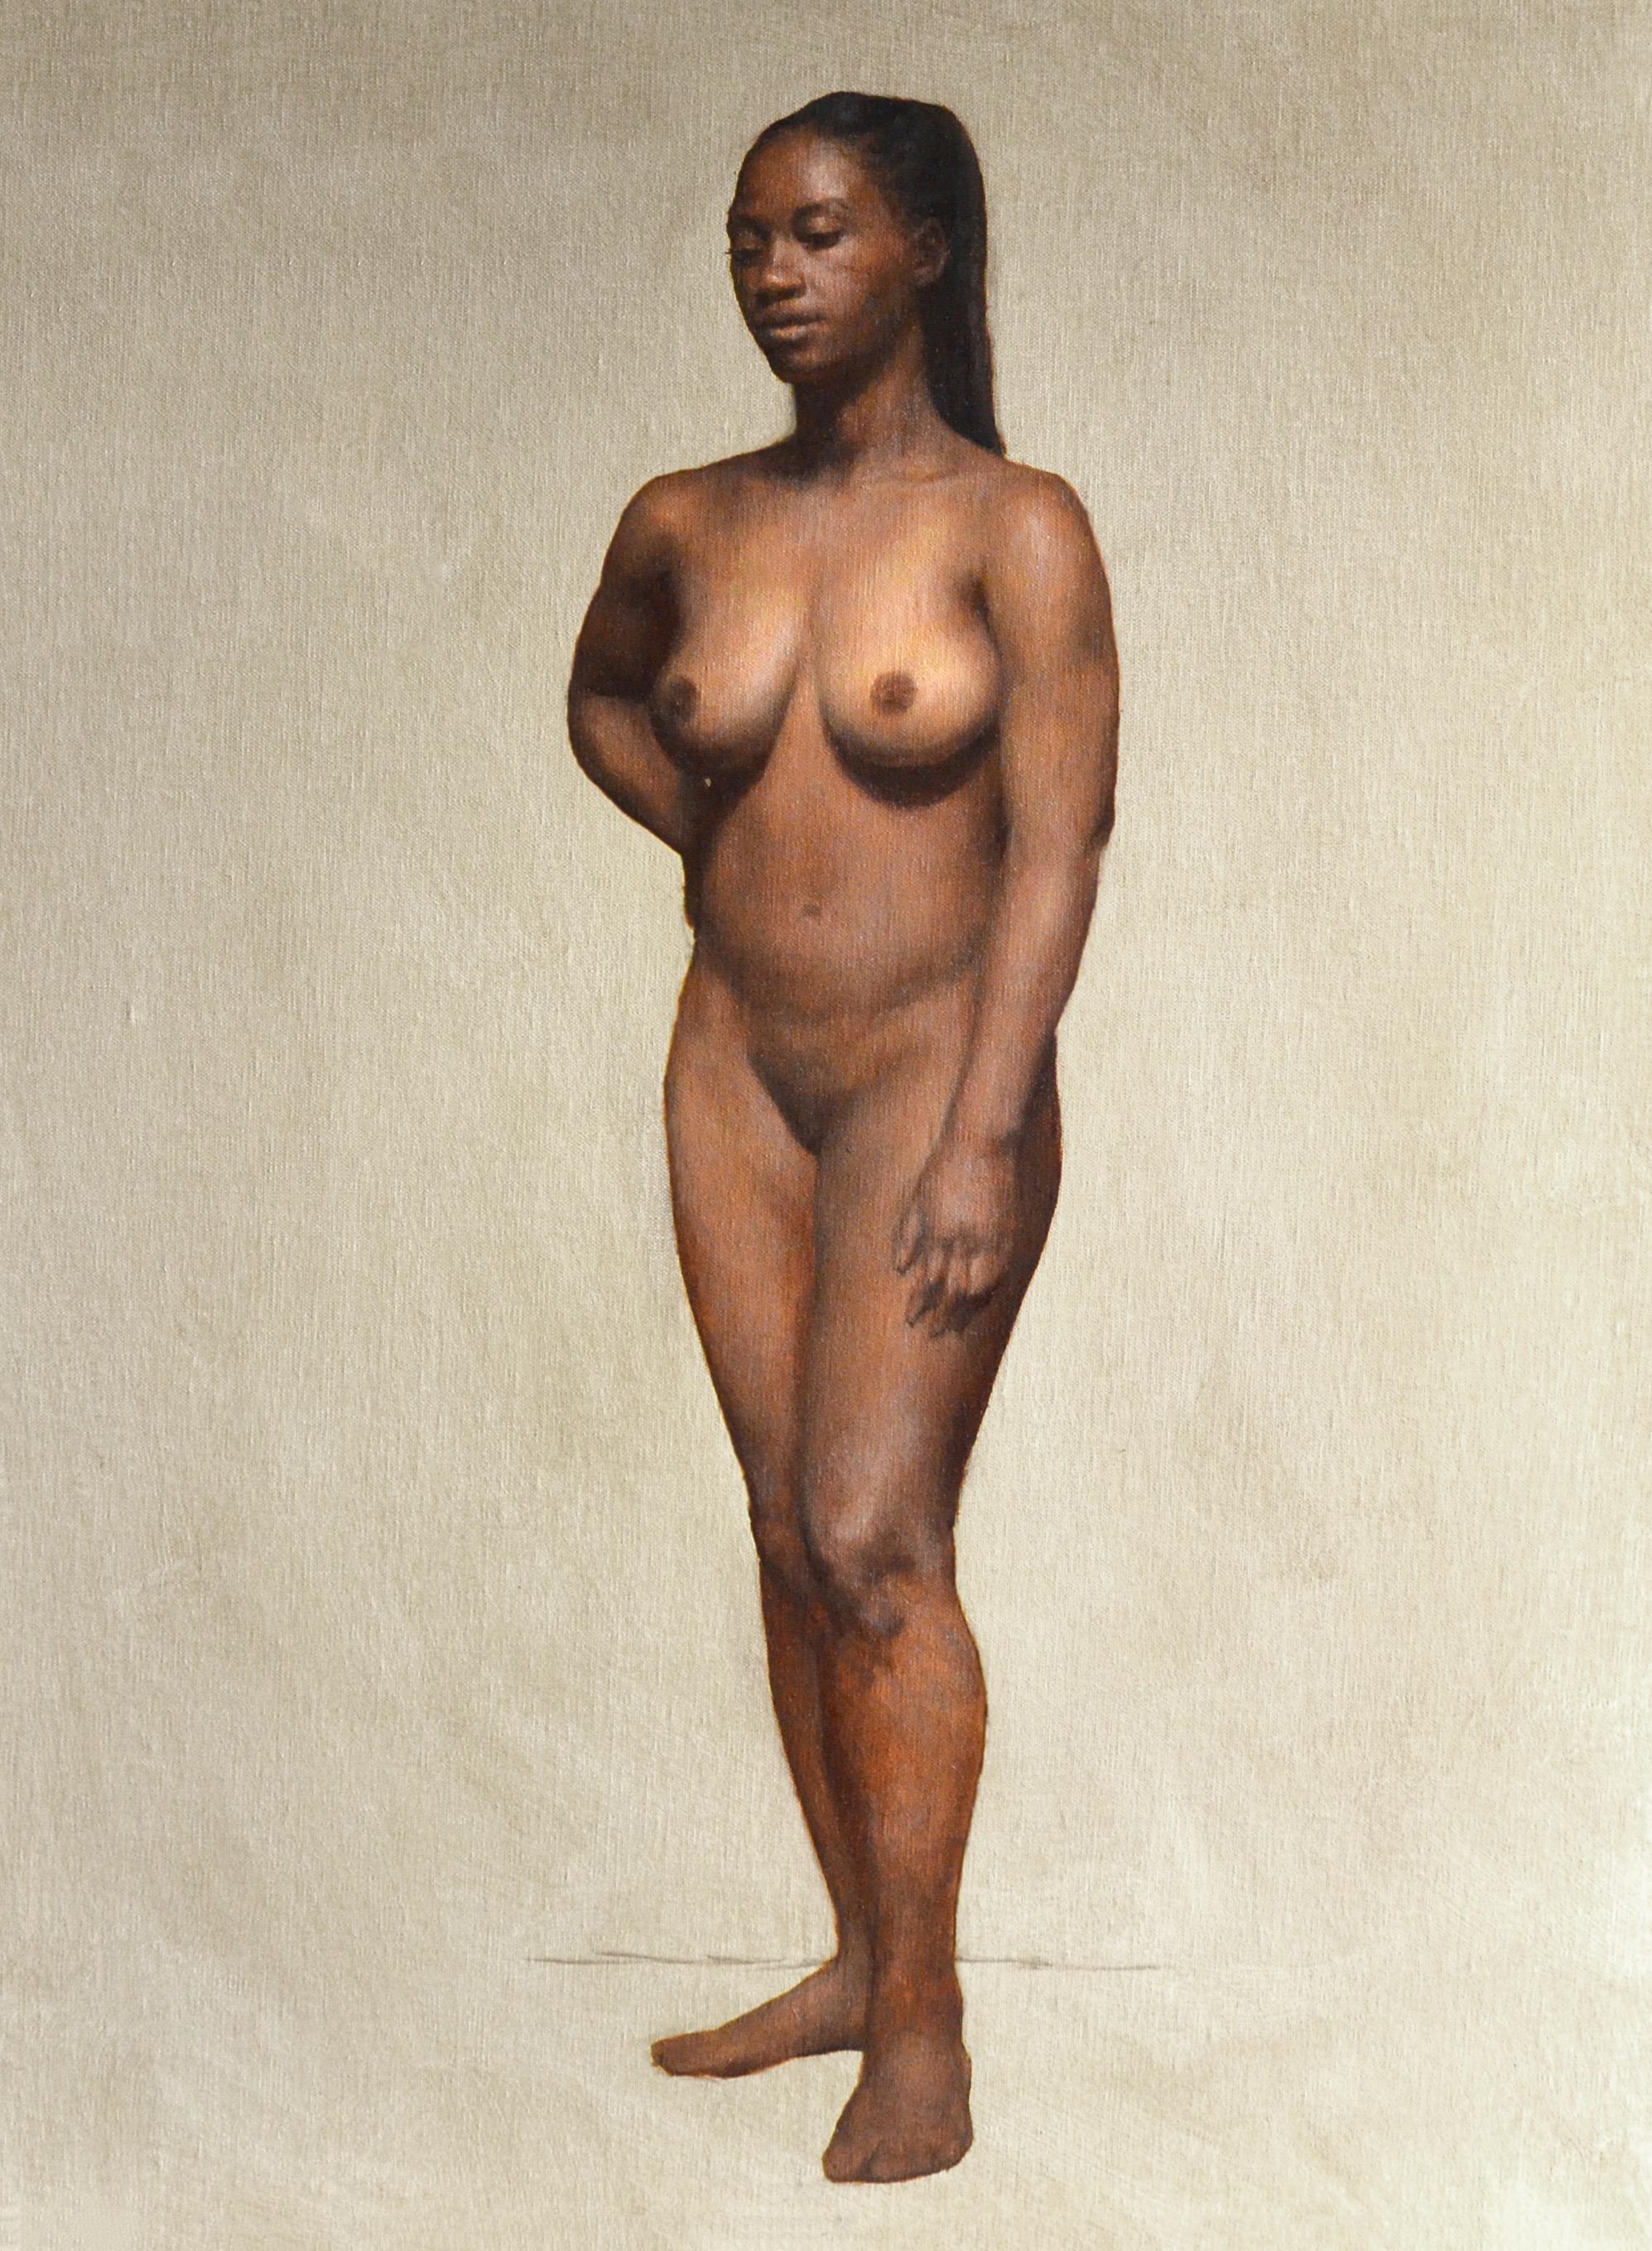 Fatima,  2017, oil on canvas, 18 x 24 in. Private collection.